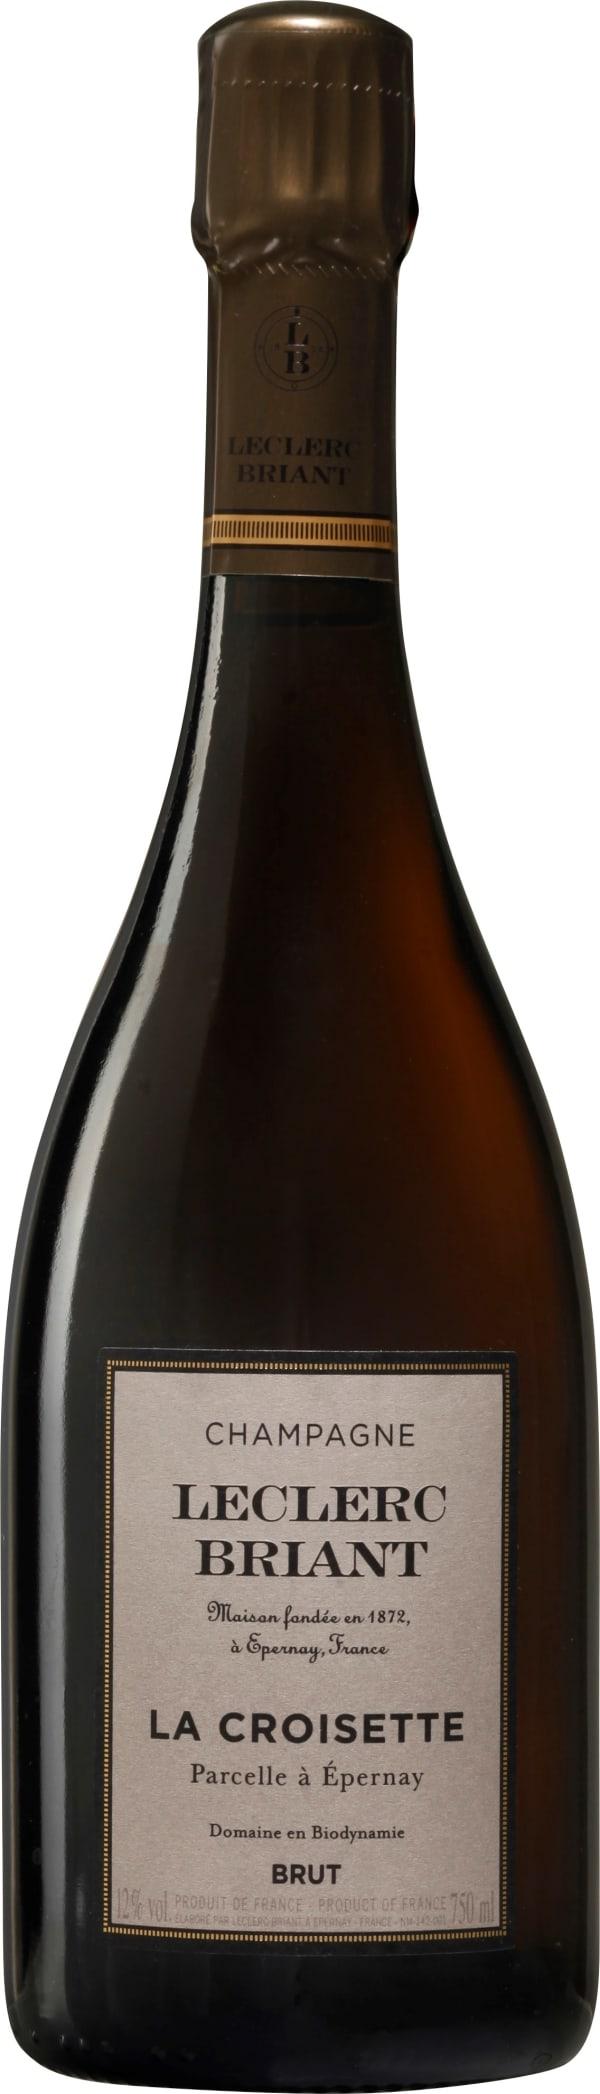 Leclerc Briant La Croisette Champagne Brut 2012